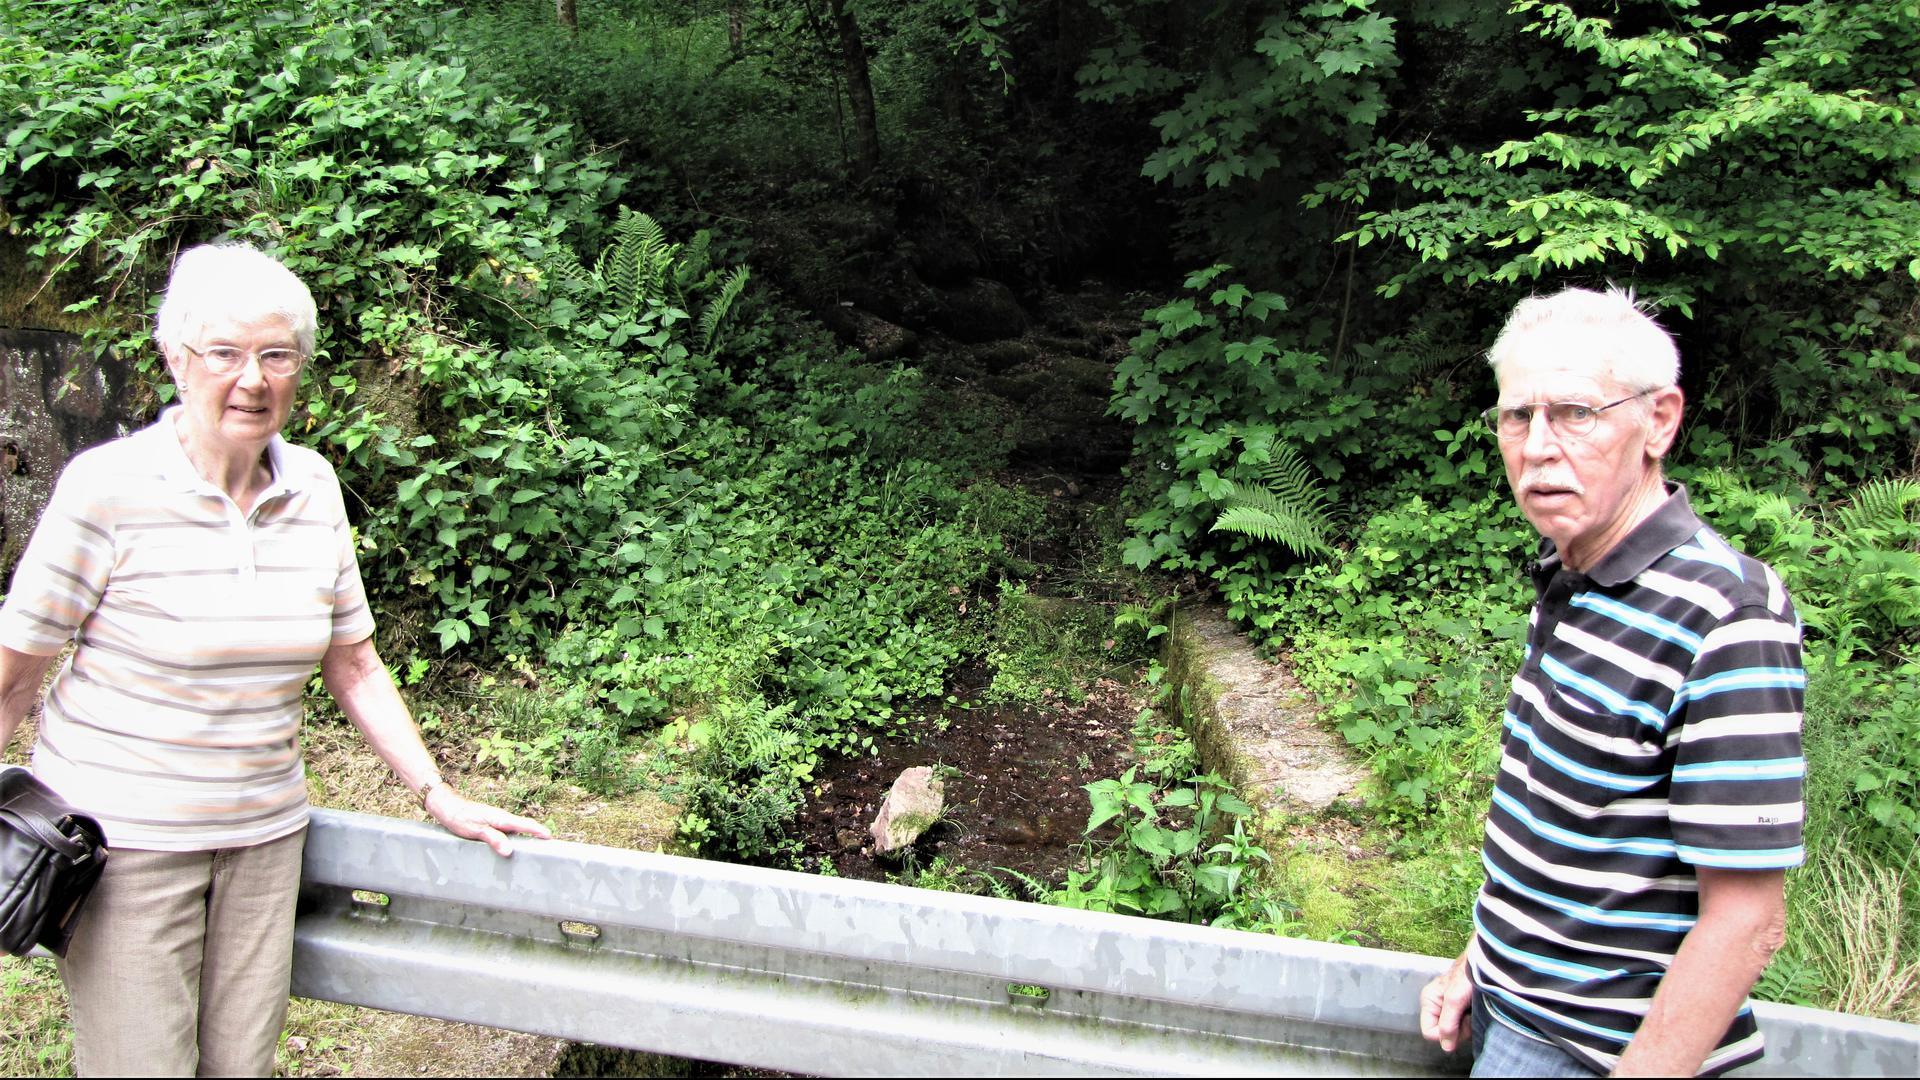 Wanderung auf dem Heuweg: Judith Giss (links) und Ulrich Dümmler stehen bei Spessart vor der Eselsklinge, die hier auf ihrem Weg ins Albtal den Weg unterquert.